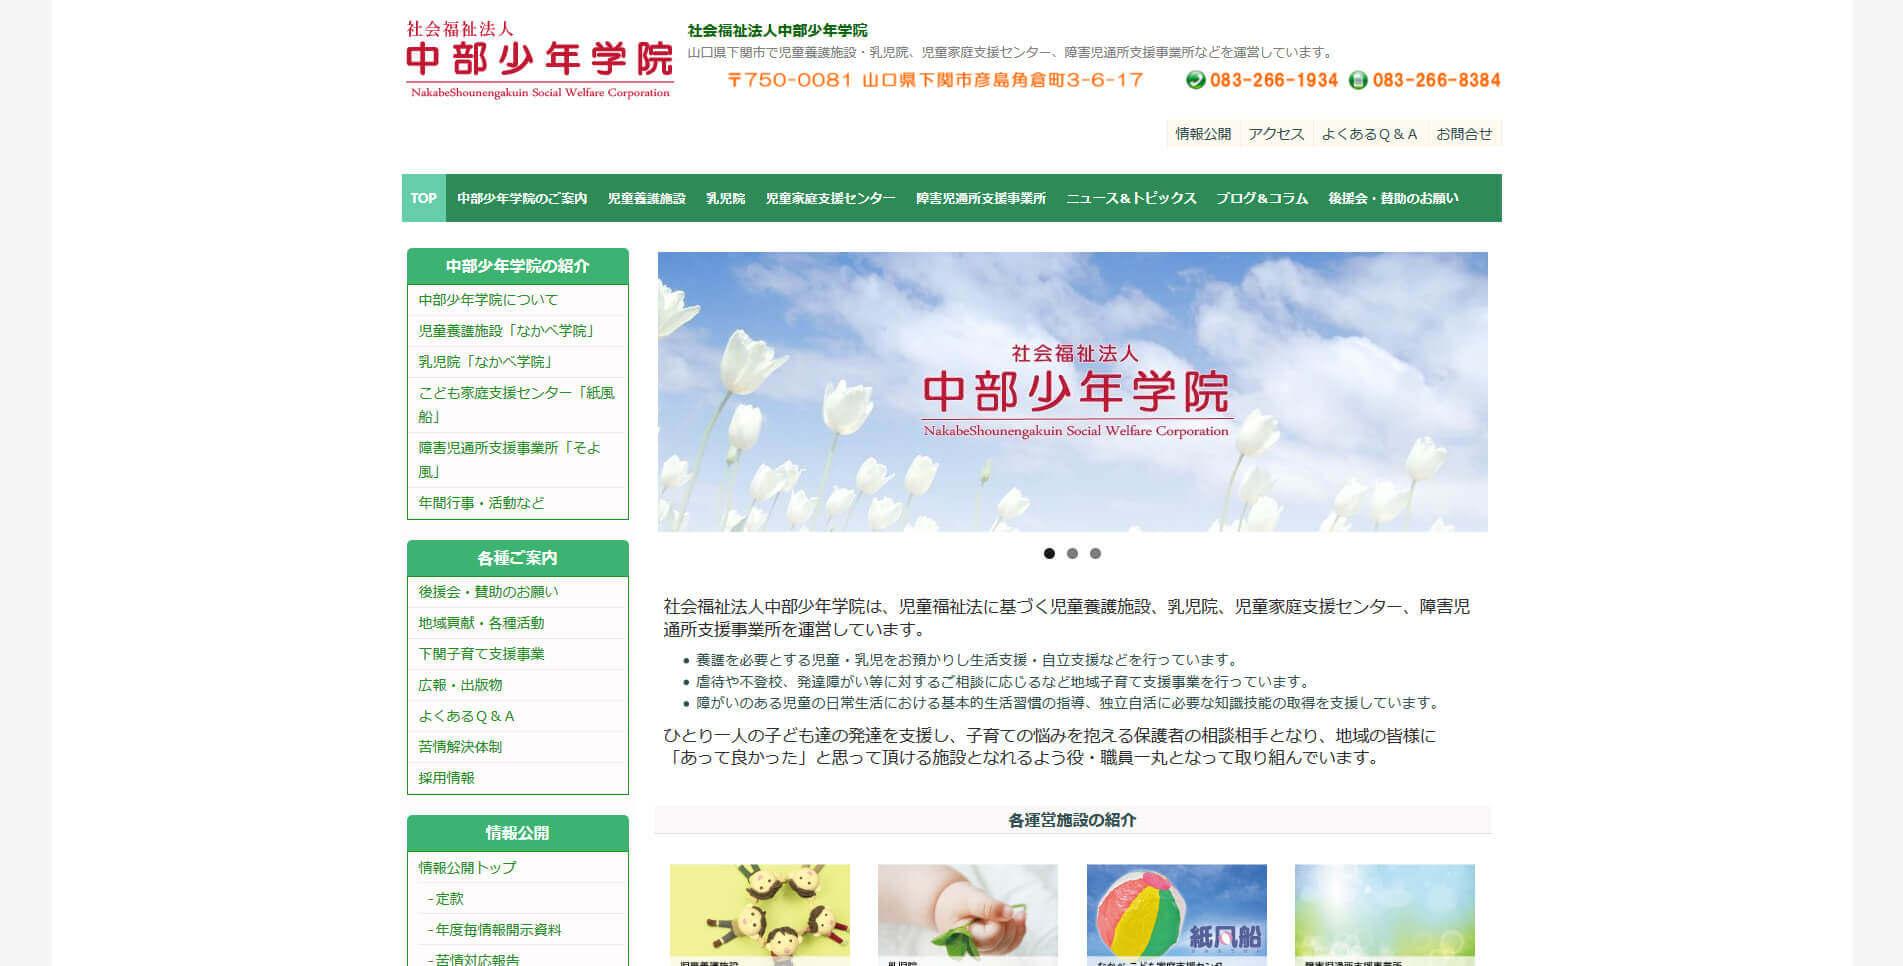 大学 web メール 山口